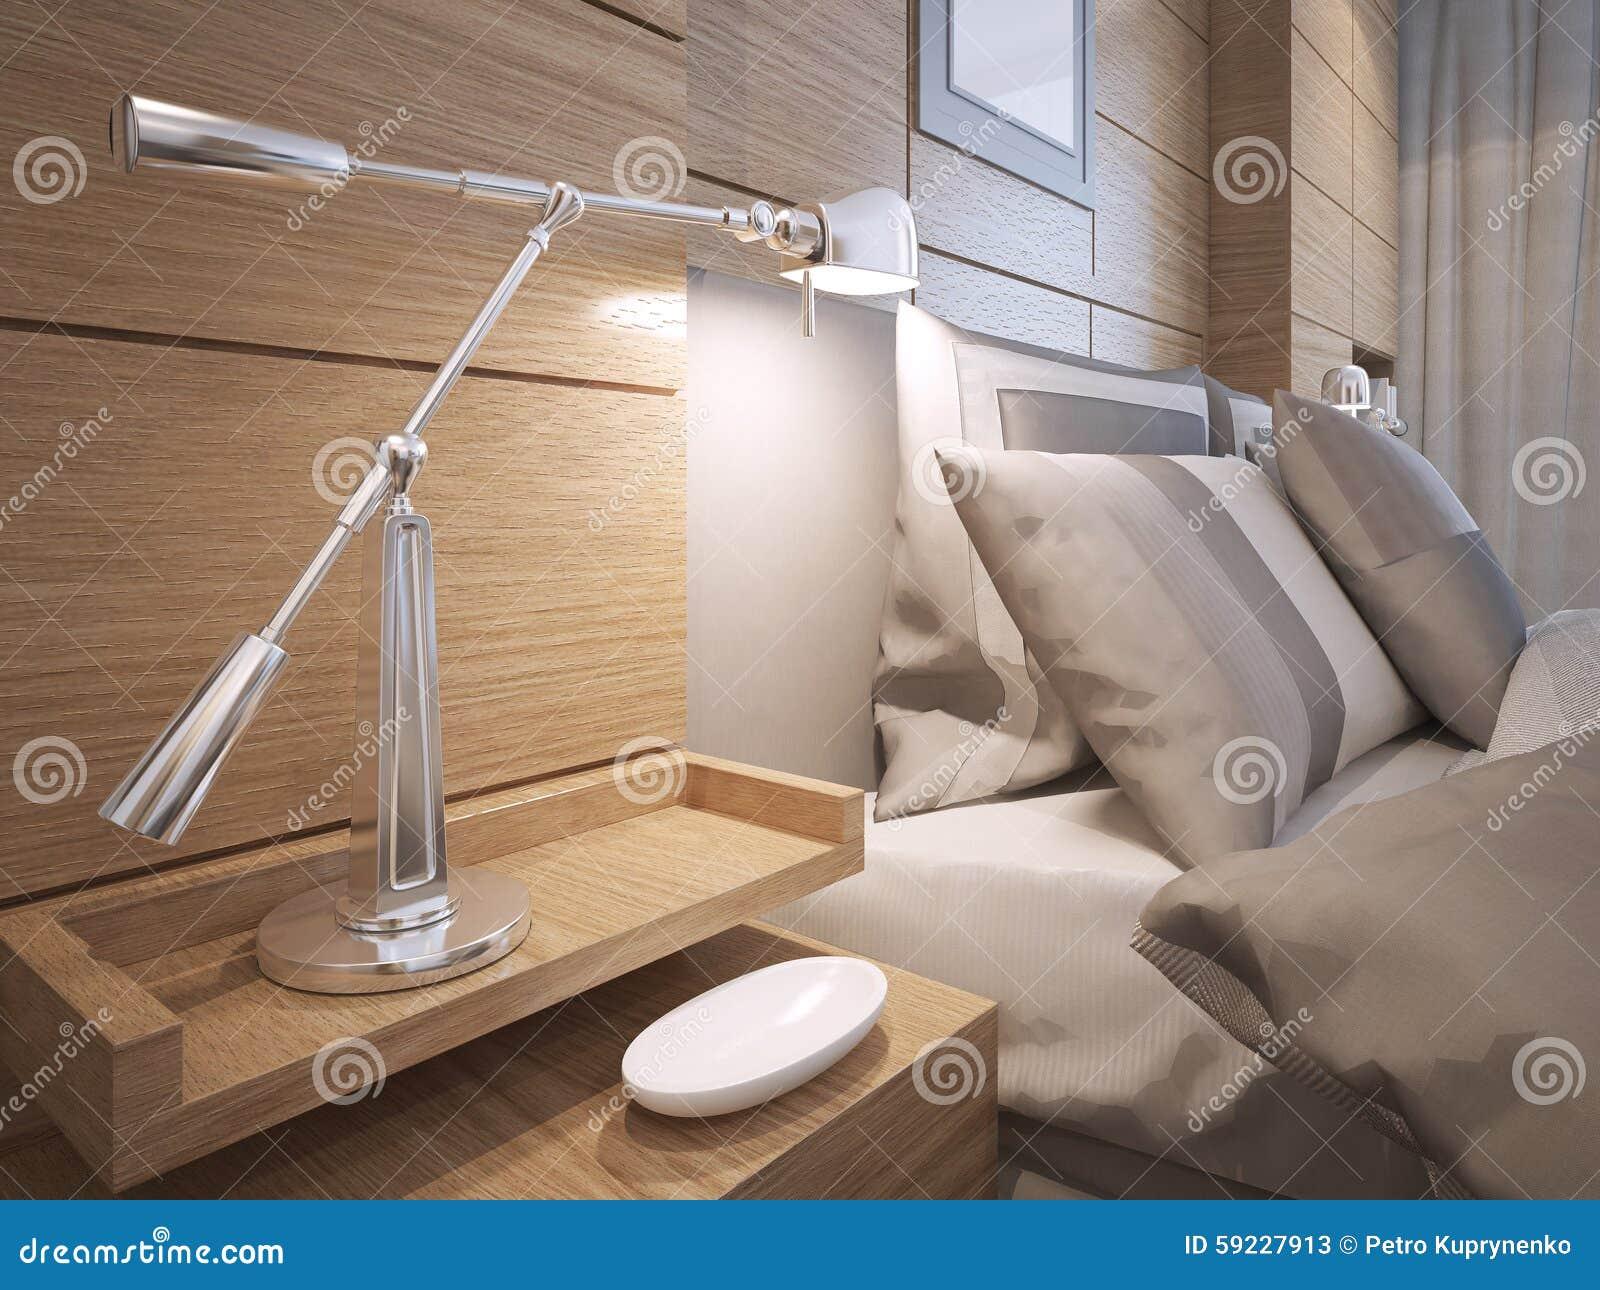 Idea del dormitorio del desván